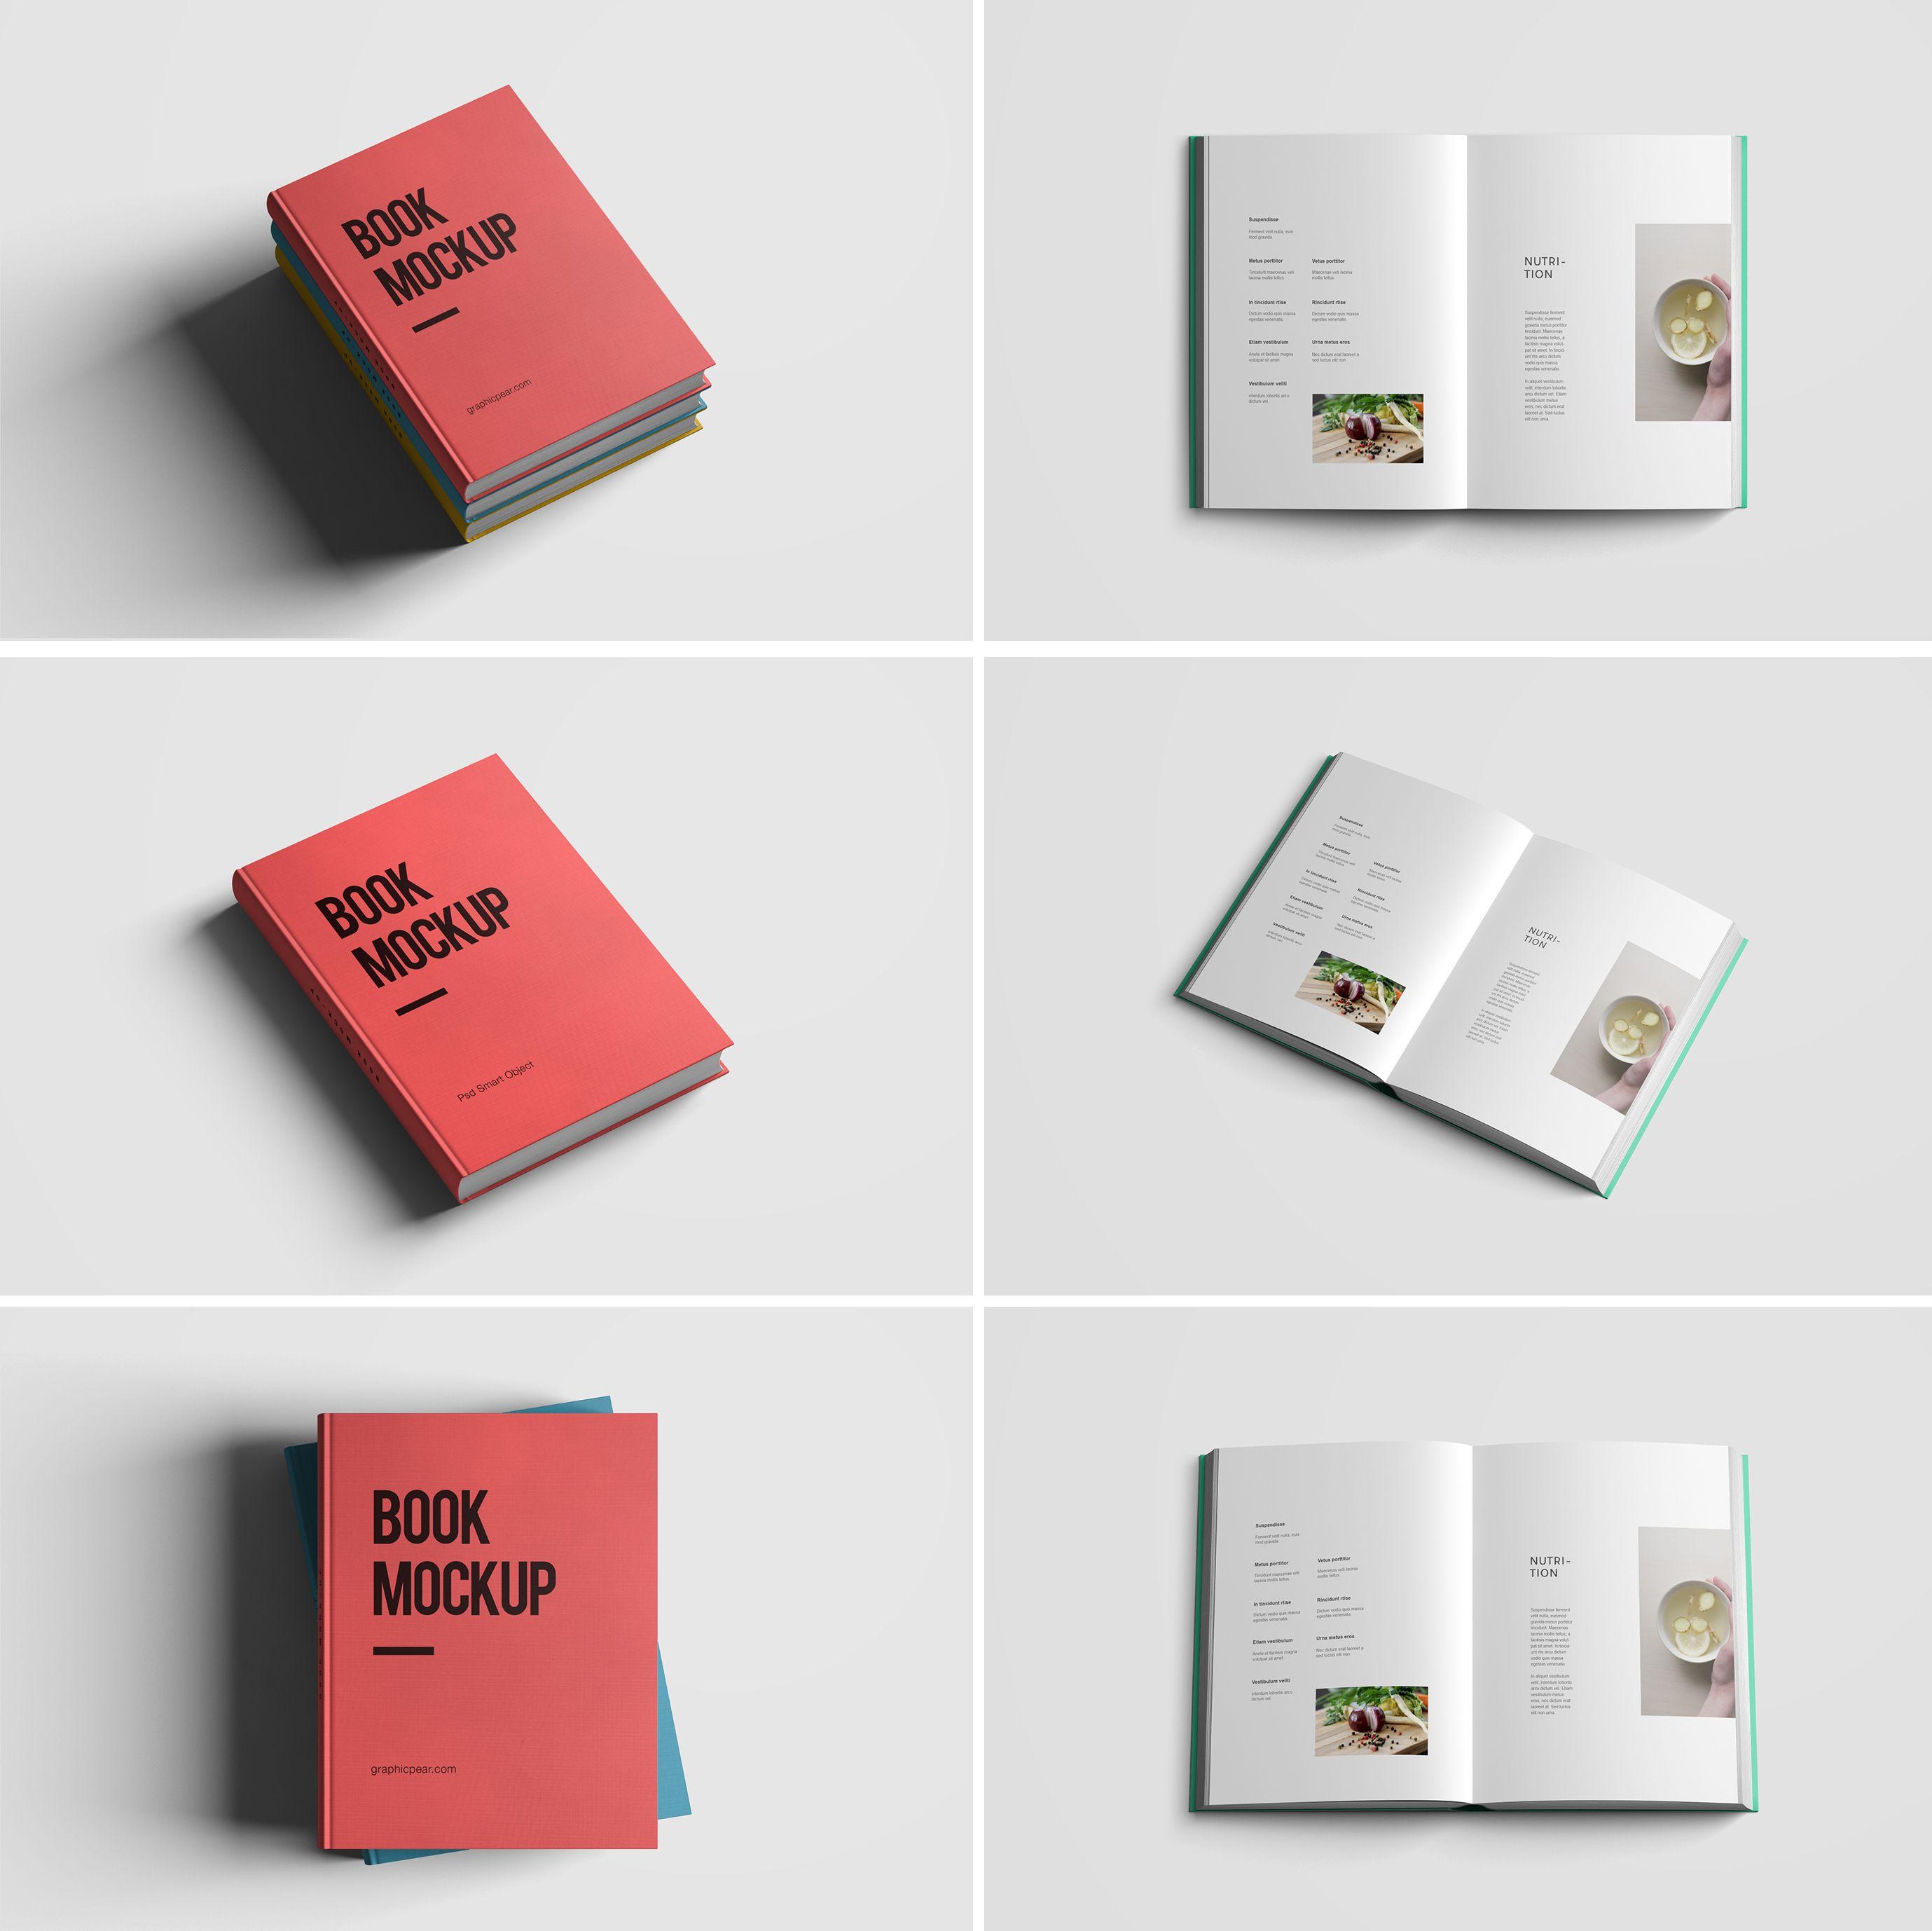 Mockup Gratis Book Libro Free Download 03b Mockups Gratis Cubierta De Libros Folletos